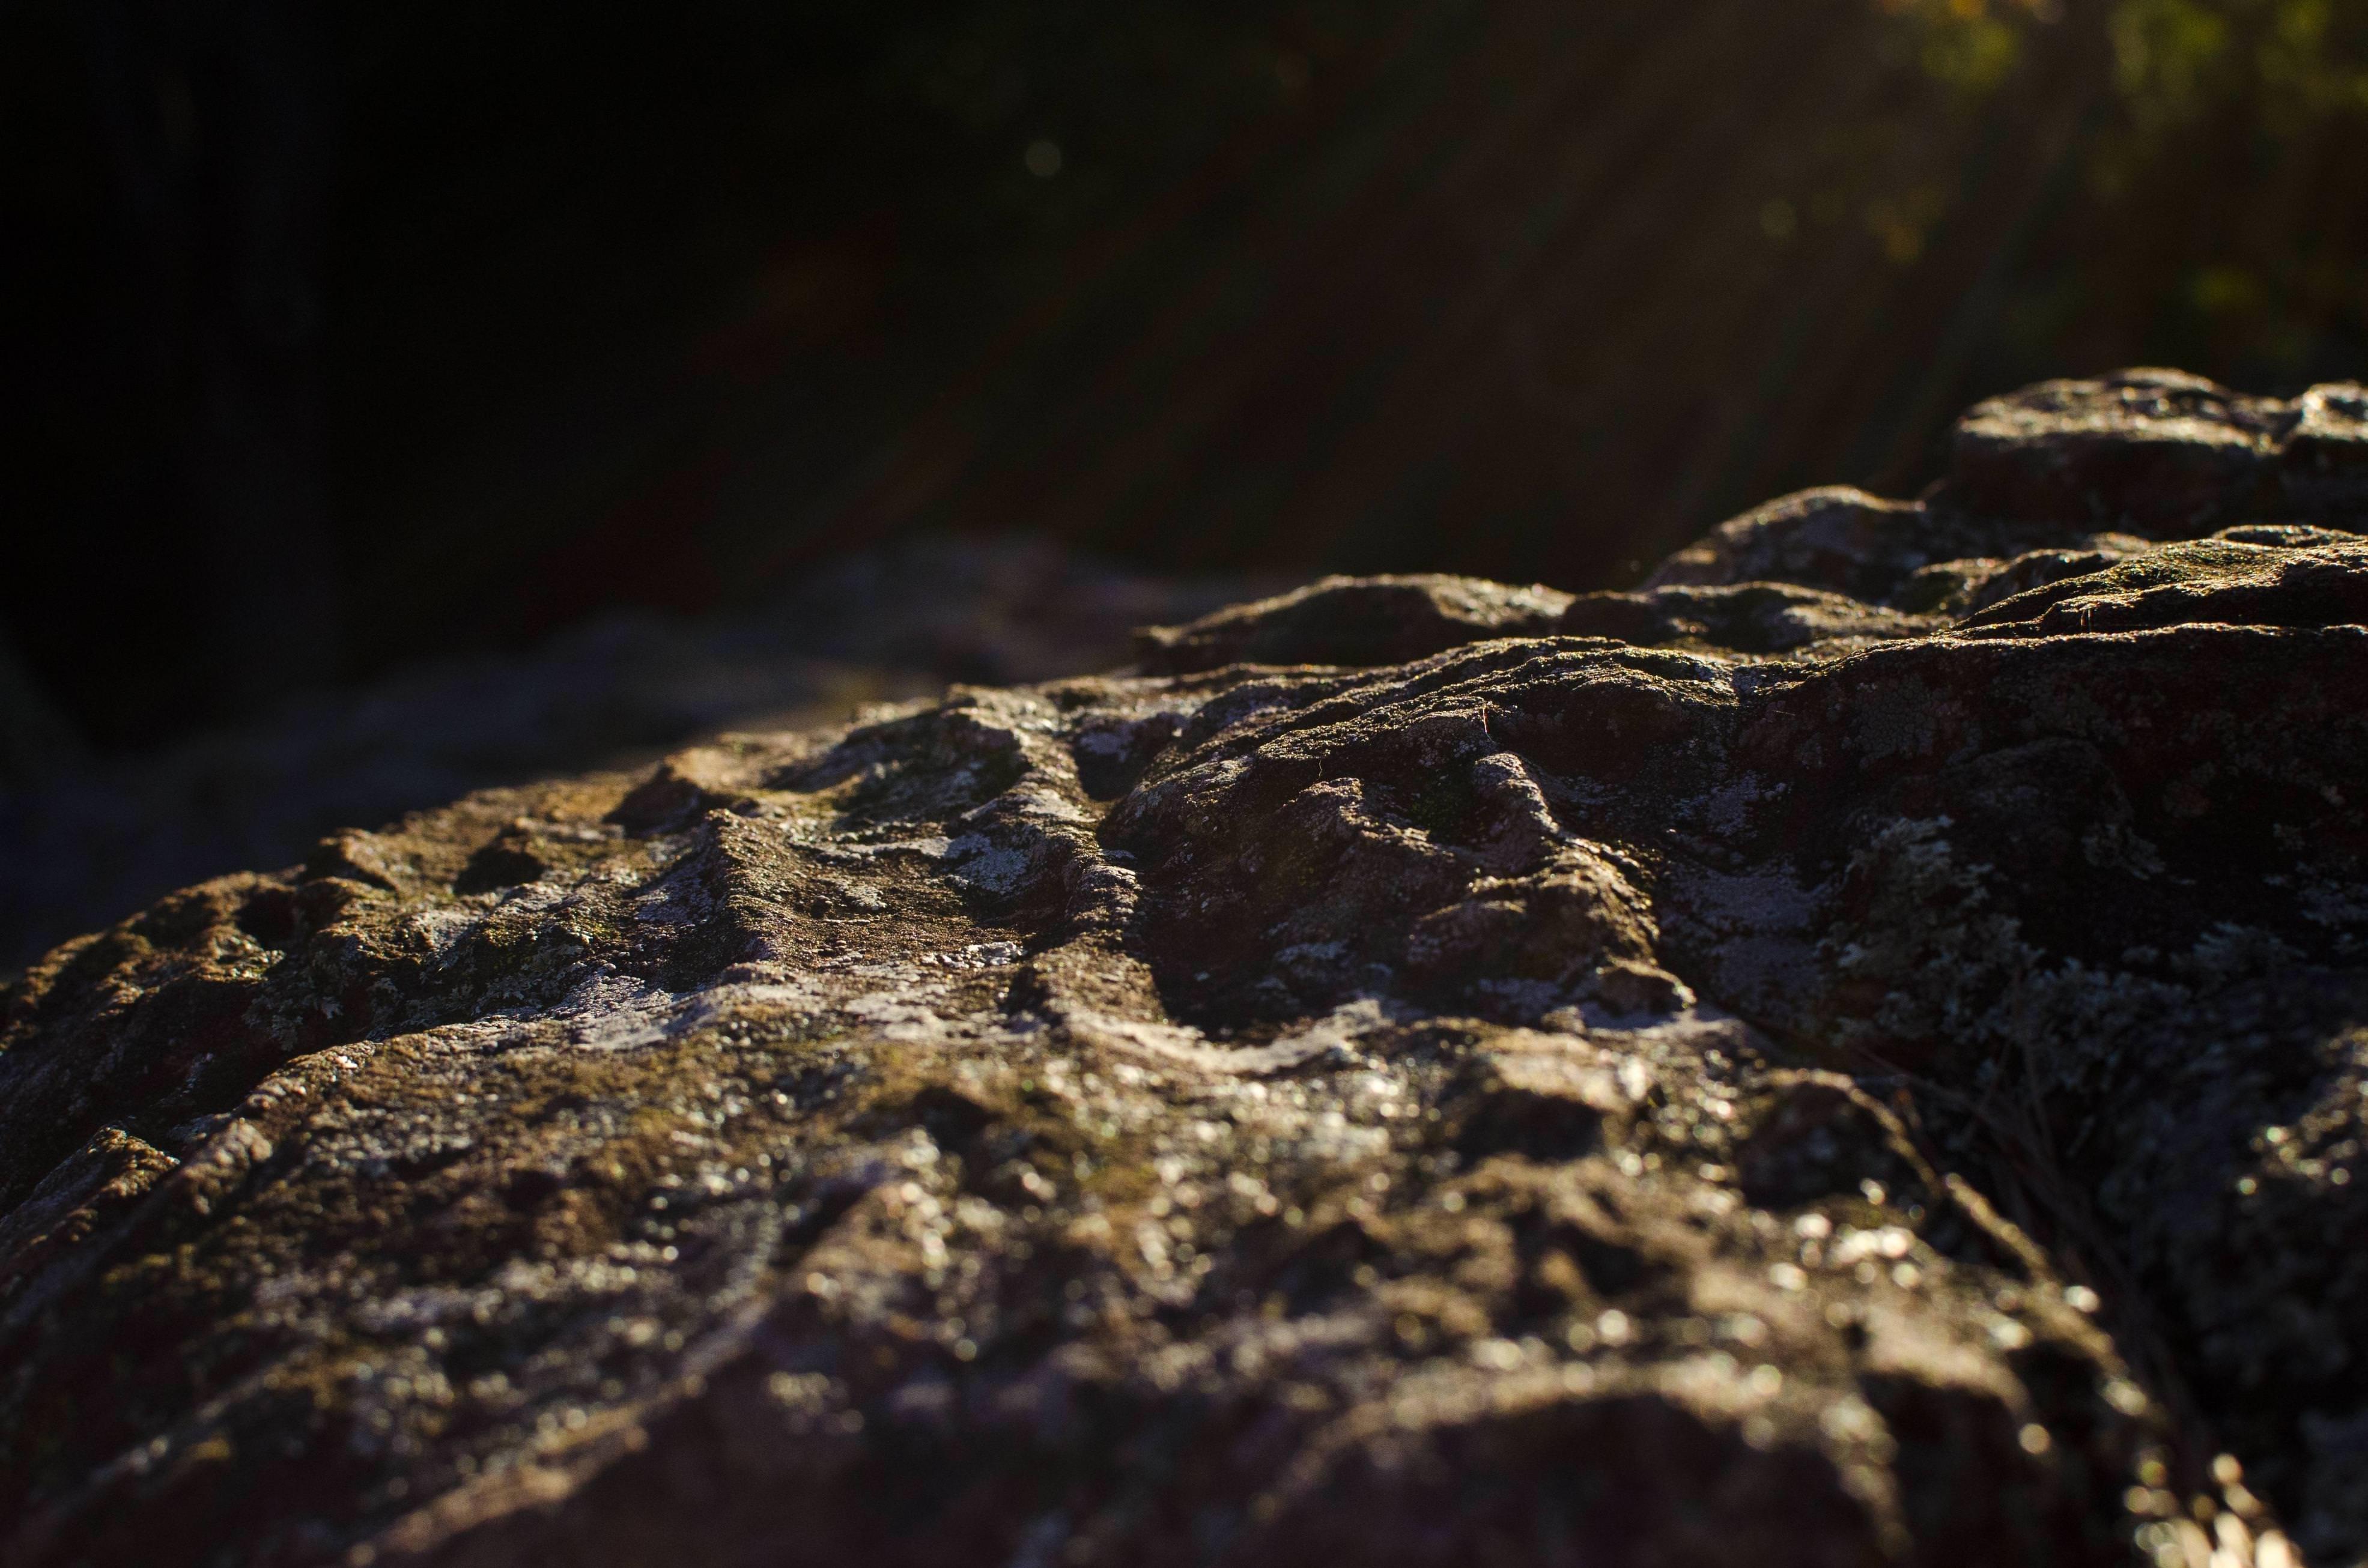 Get Rock Wallpaper 4K